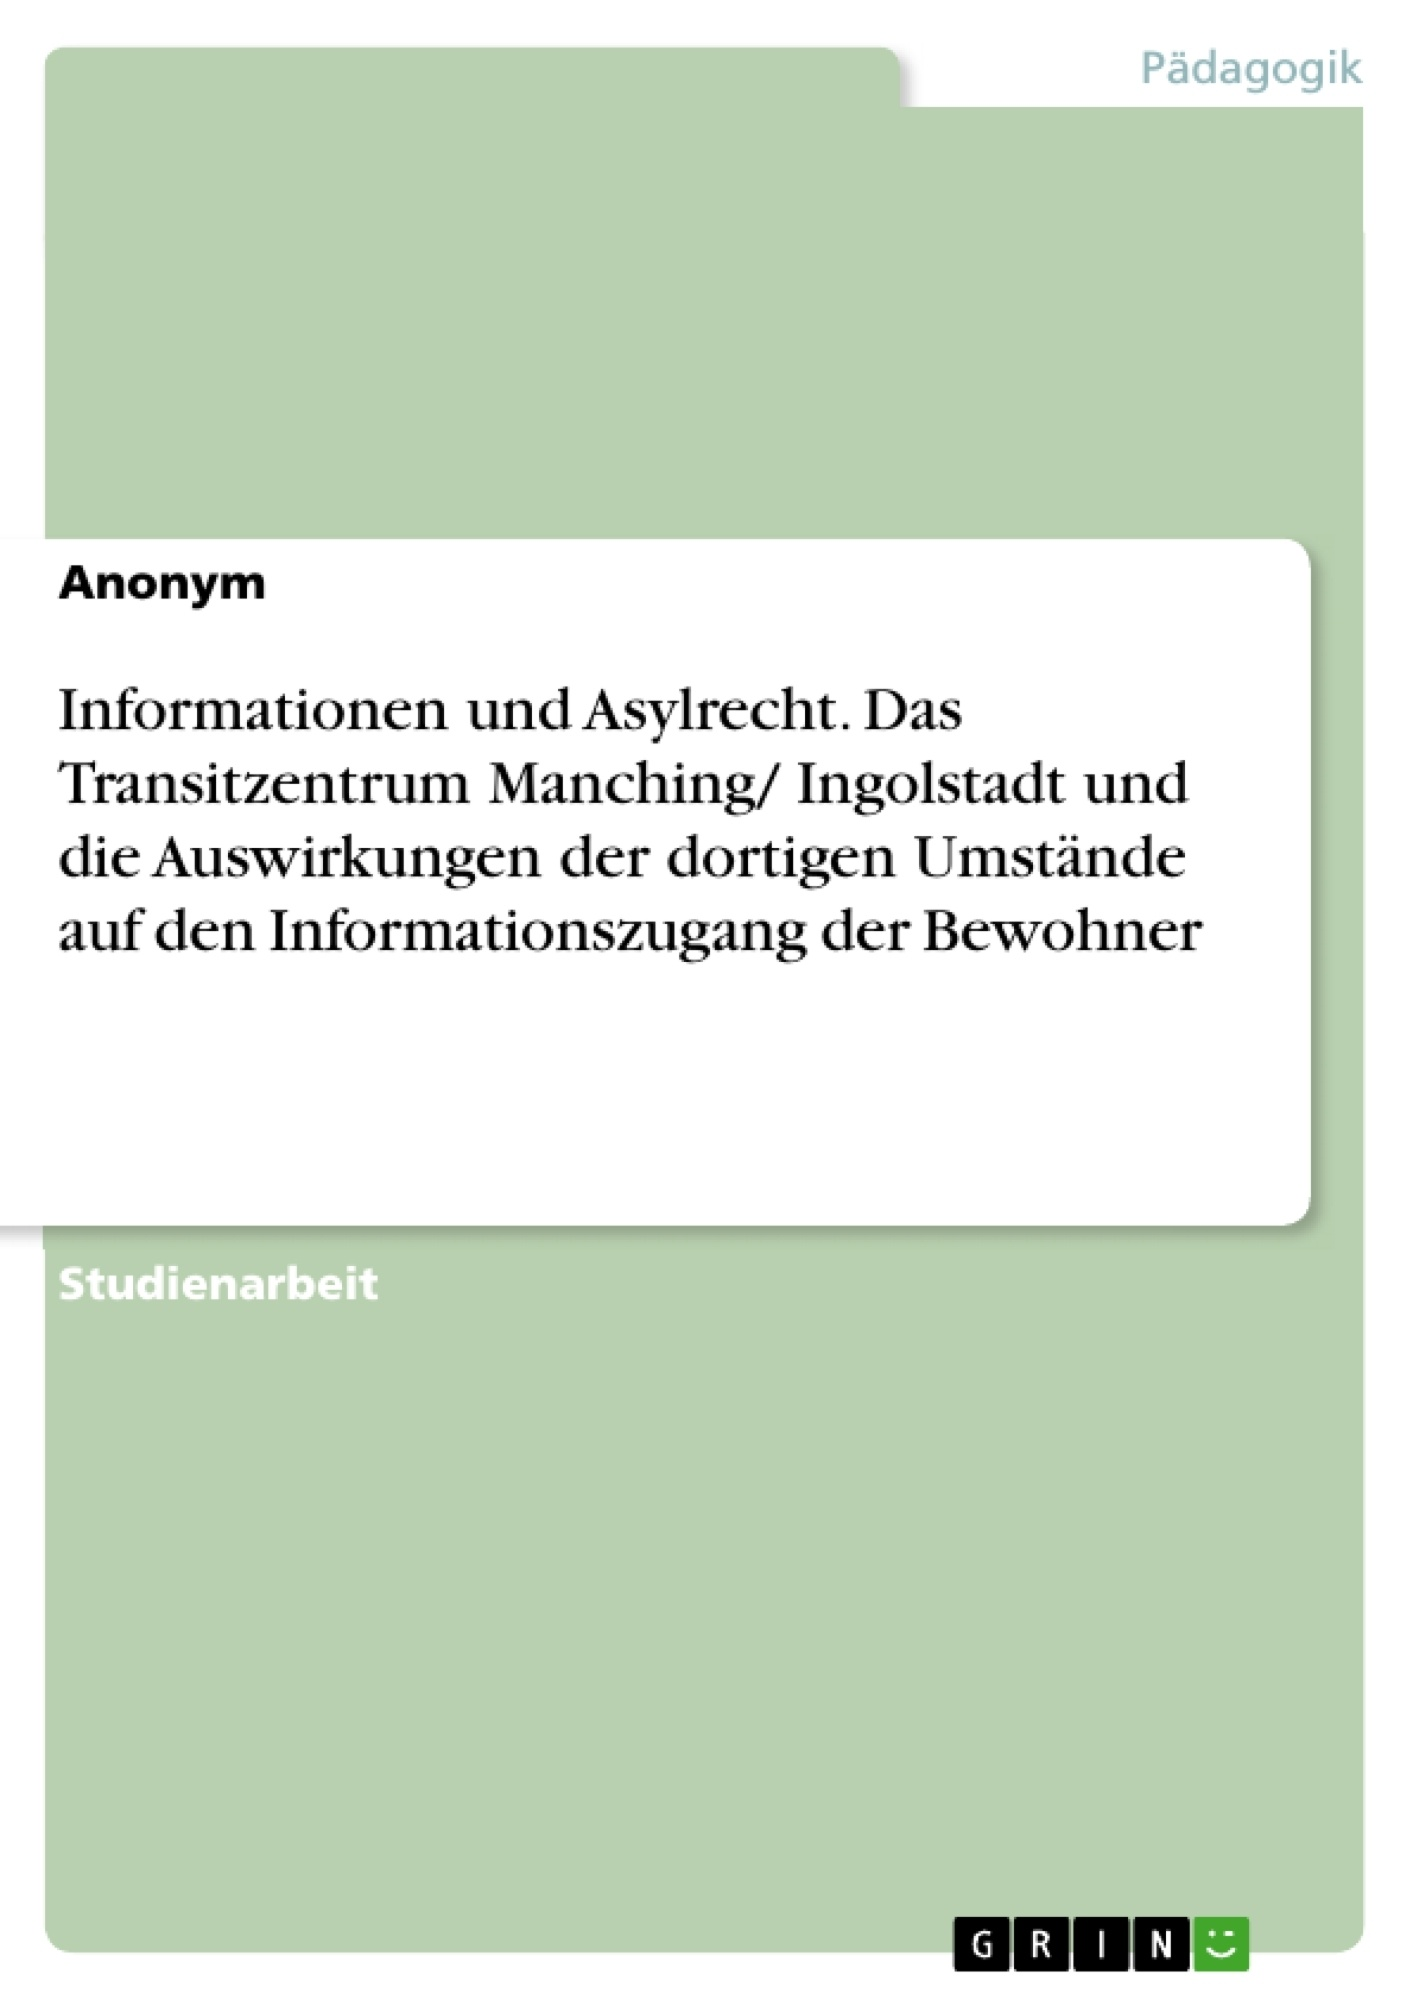 Titel: Informationen und Asylrecht. Das Transitzentrum Manching/ Ingolstadt und die Auswirkungen der dortigen Umstände auf den Informationszugang der Bewohner